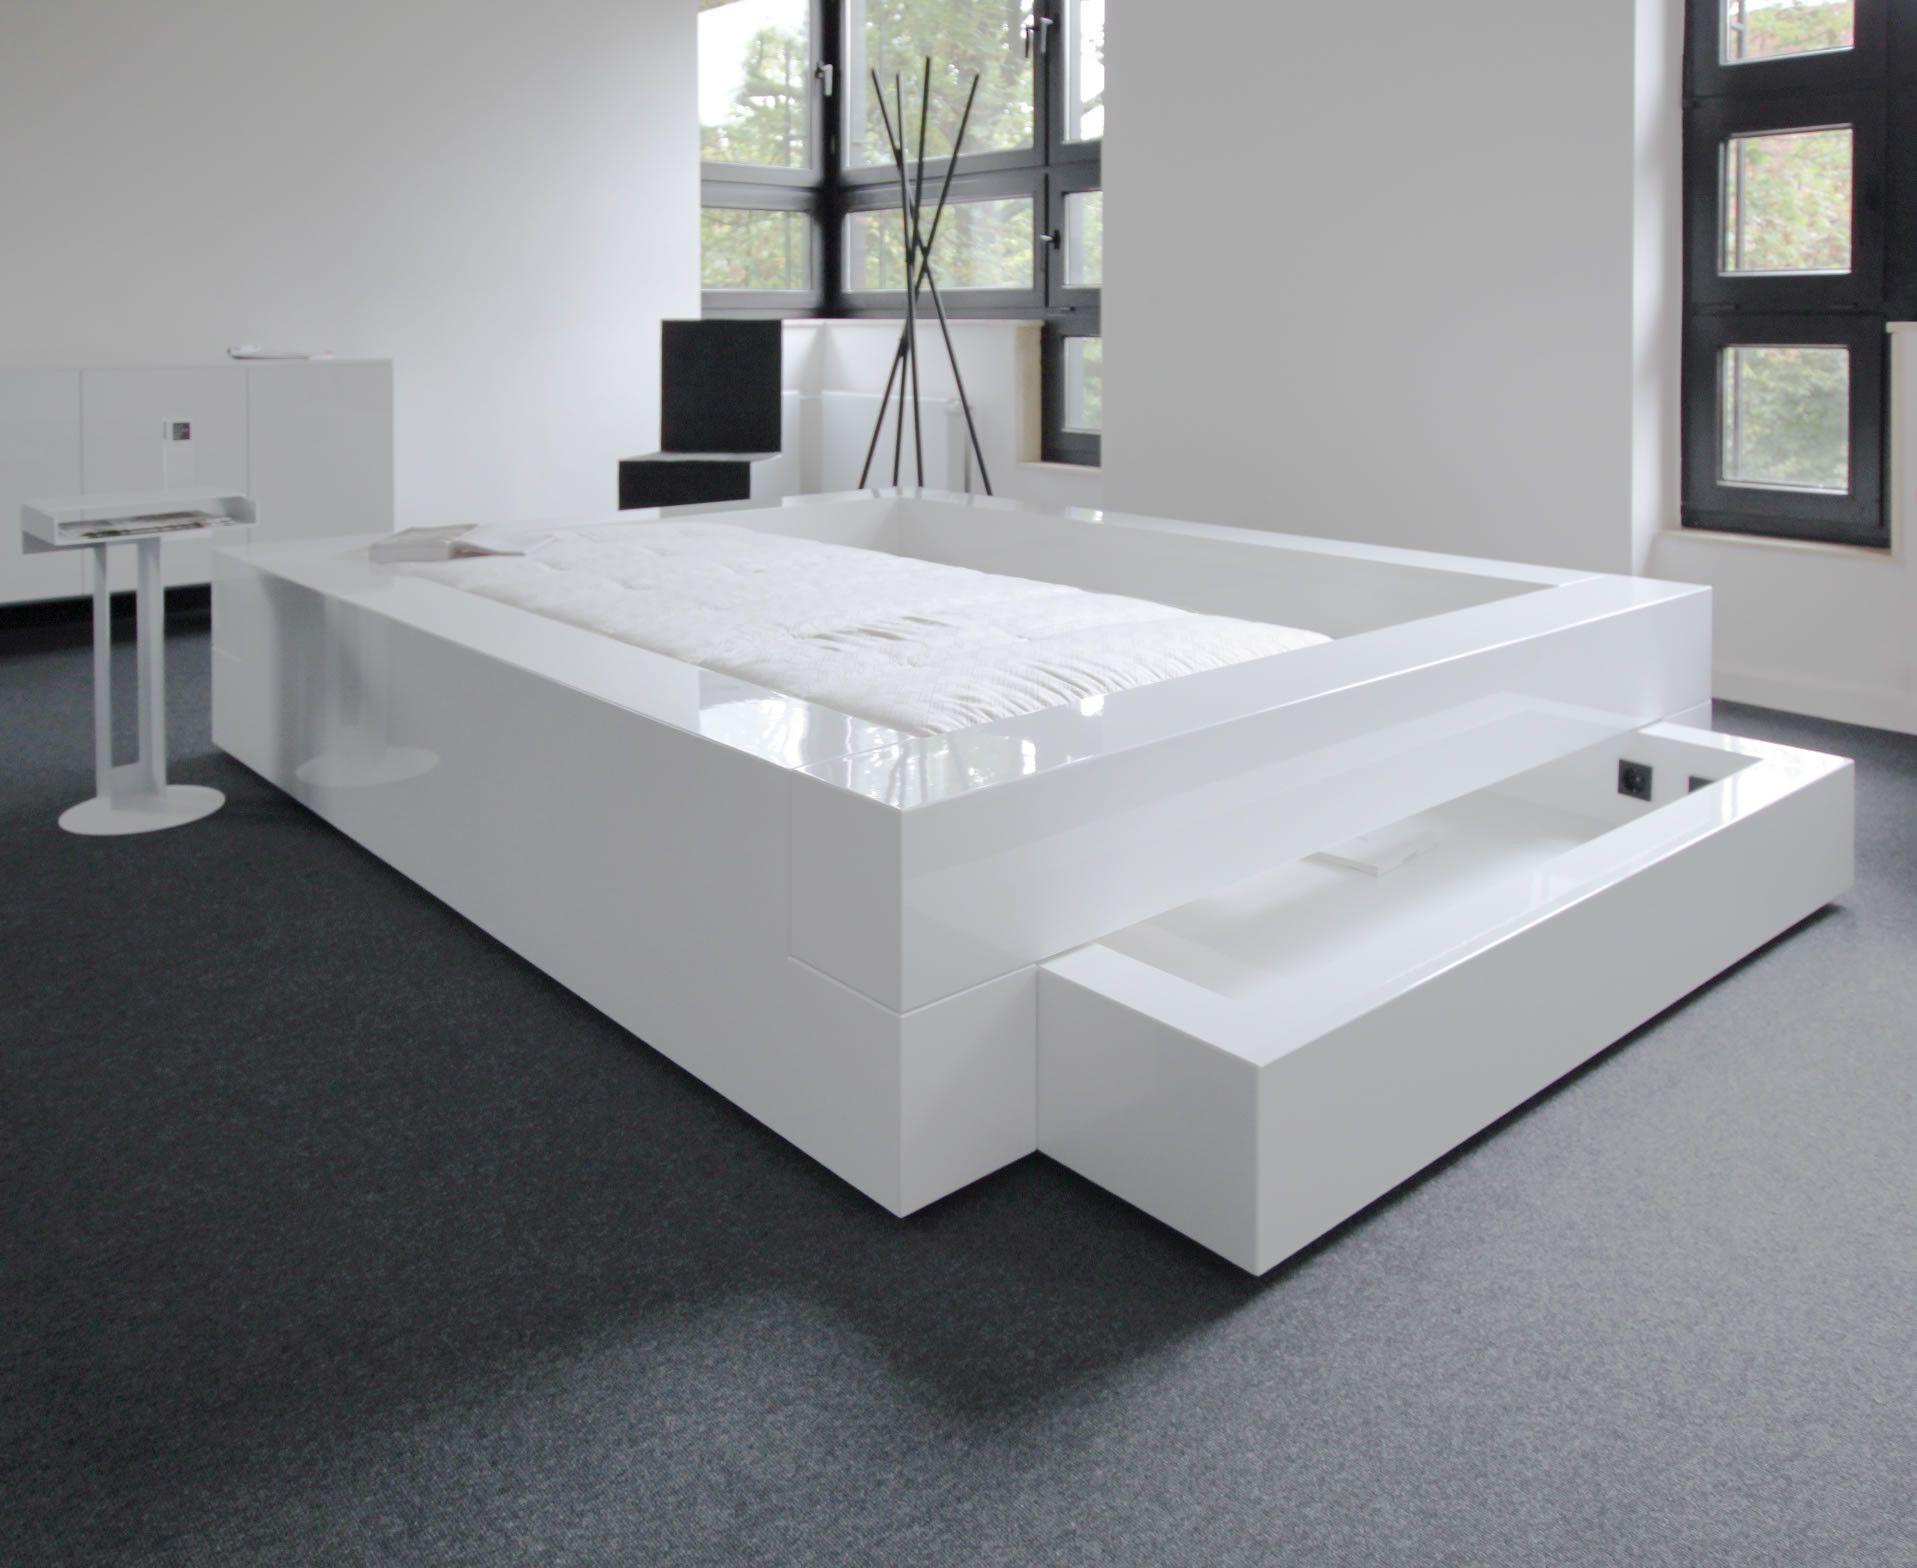 Bett Mit Bettkasten 200 200 Lovely Bett Somnium Mit Bettkasten Design Bett Von Rechteck Di 2020